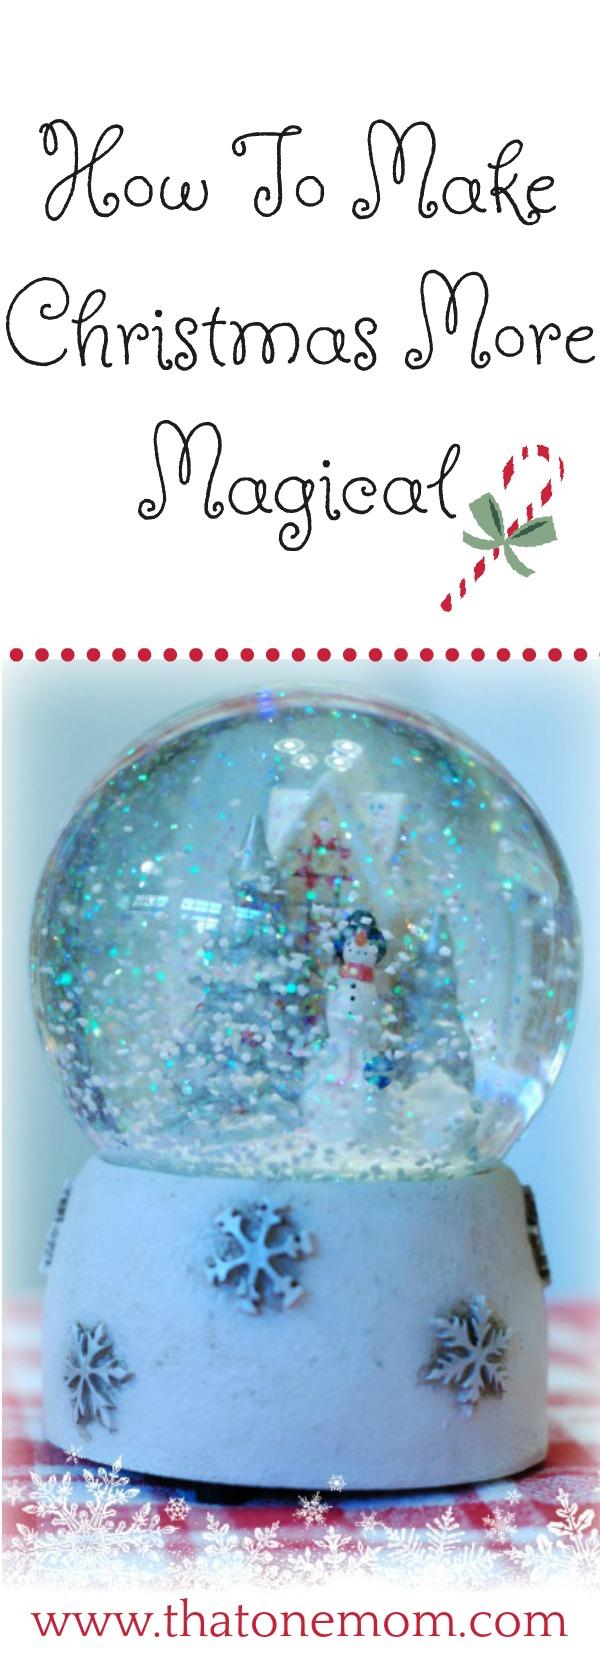 How To Make Christmas More Magical  www.thatonemom.com